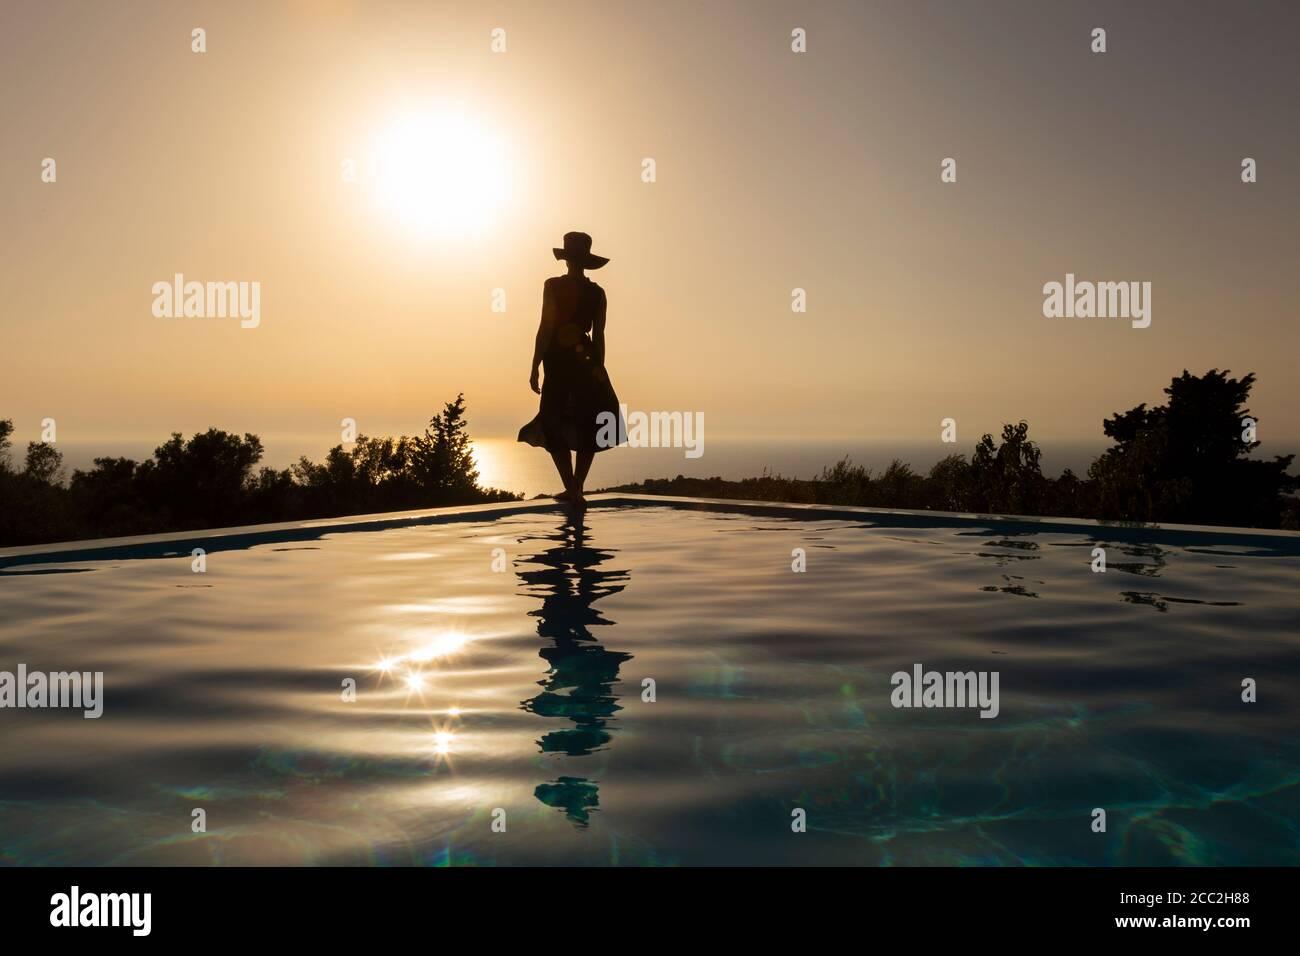 Silhouette di una ragazza che si erge sul bordo di una piscina infinity guardando il tramonto sul mare, Lefkada, Isole IONIE, Grecia Foto Stock